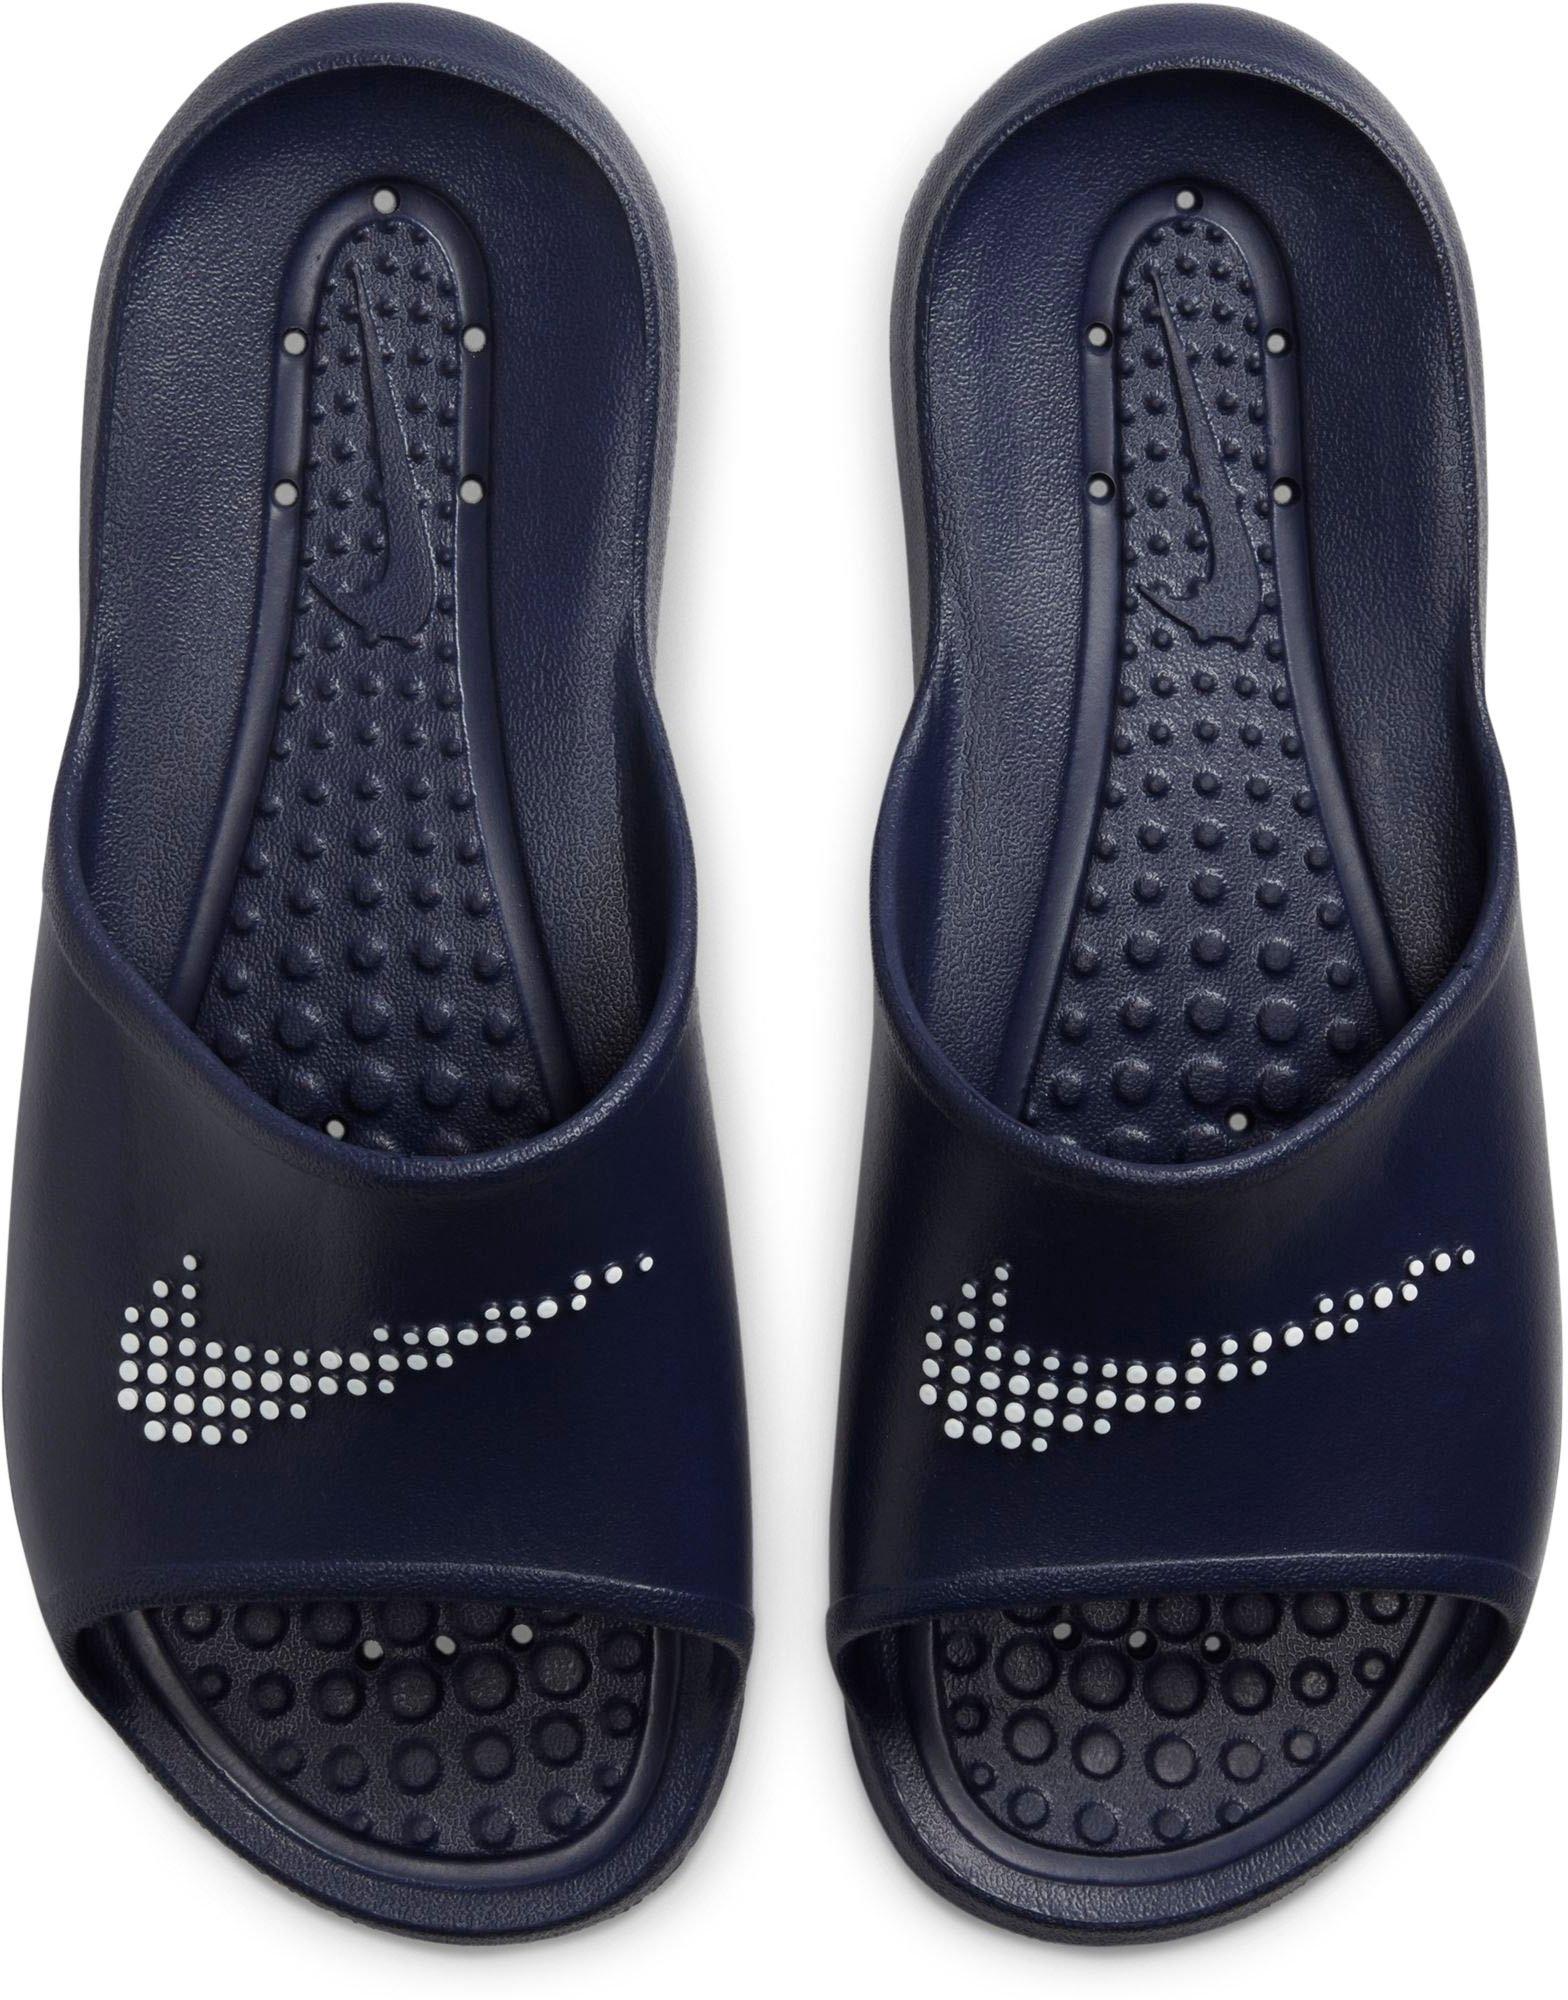 Nike Sportswear Nike badslippers »VICTORI ONE SHOWER SLIDE« nu online kopen bij OTTO